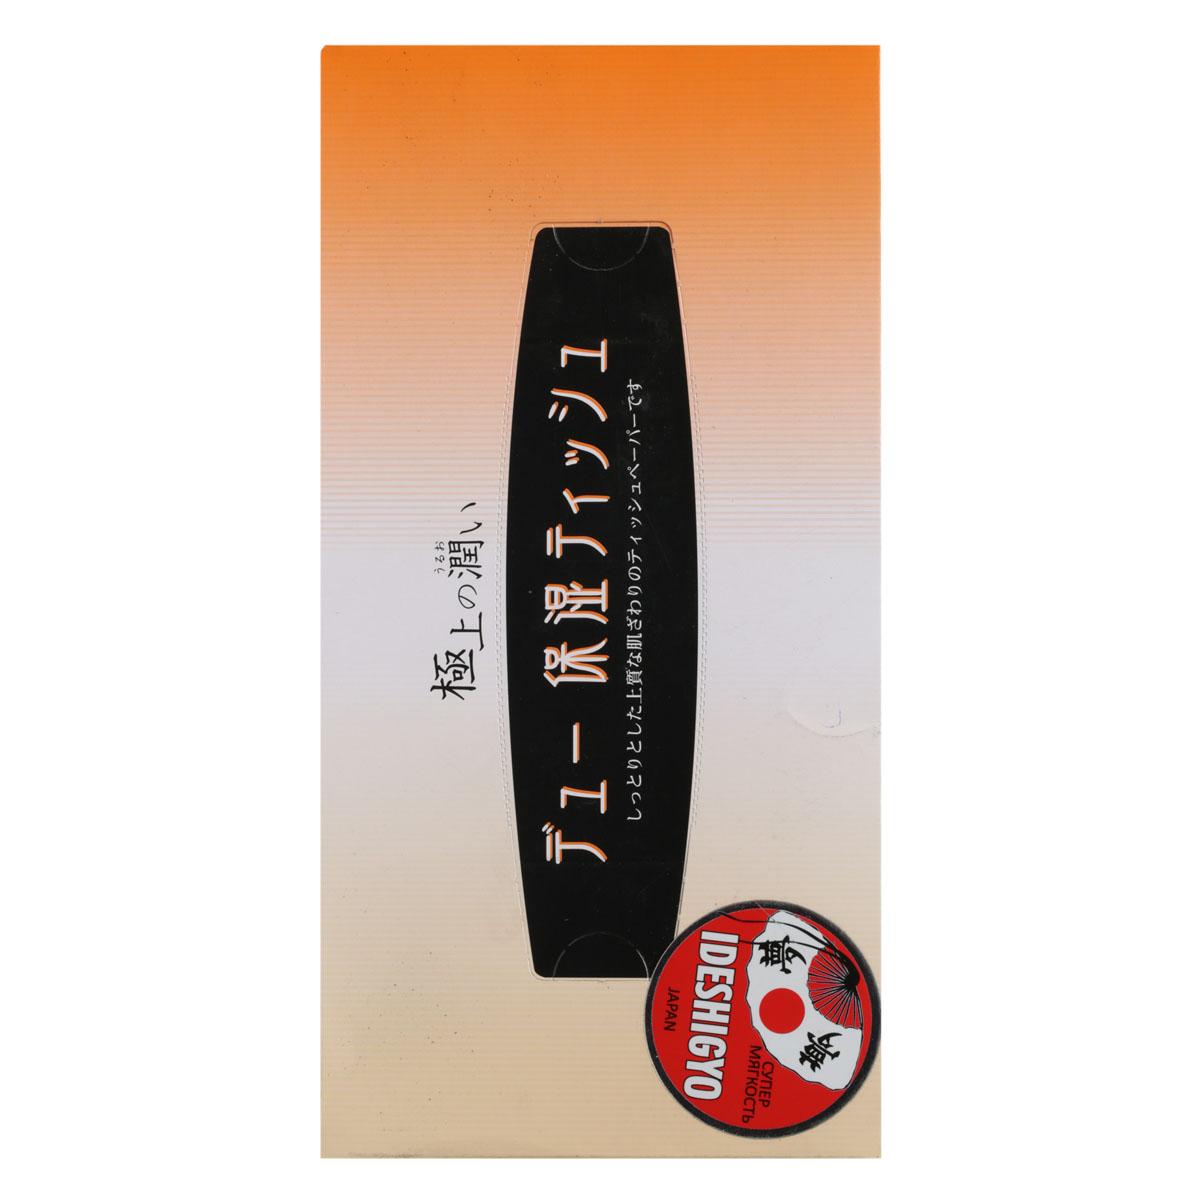 Салфетки бумажные IDESHIGYO DUE, 2-х слойные, 180 шт8377Салфетки Ideshigyo изготовляются по адаптированной технологии, подобно старинному японскому способу производства бумаги путем ручного процеживания./ Мягкая воздушная текстура салфеток Ideshigyo обеспечивает вам нежное прикосновение.При производстве салфеток используется вода из глубоких под-земных источников близ г. Фудзи, что гарантирует безопасность ис-пользования./ Благодаря удобной упаковке салфетки помогут вам в любой си-туации и в любом месте, а сочетание черного и витаминно-оранжевого поднимет вам настроение./ Для сохранения гибкости бумаги и мягкости текстуры высота коробки увеличена до 55 мм (в отличие от 50 мм у других предприятий)./ Состав: 100% целлюлоза.